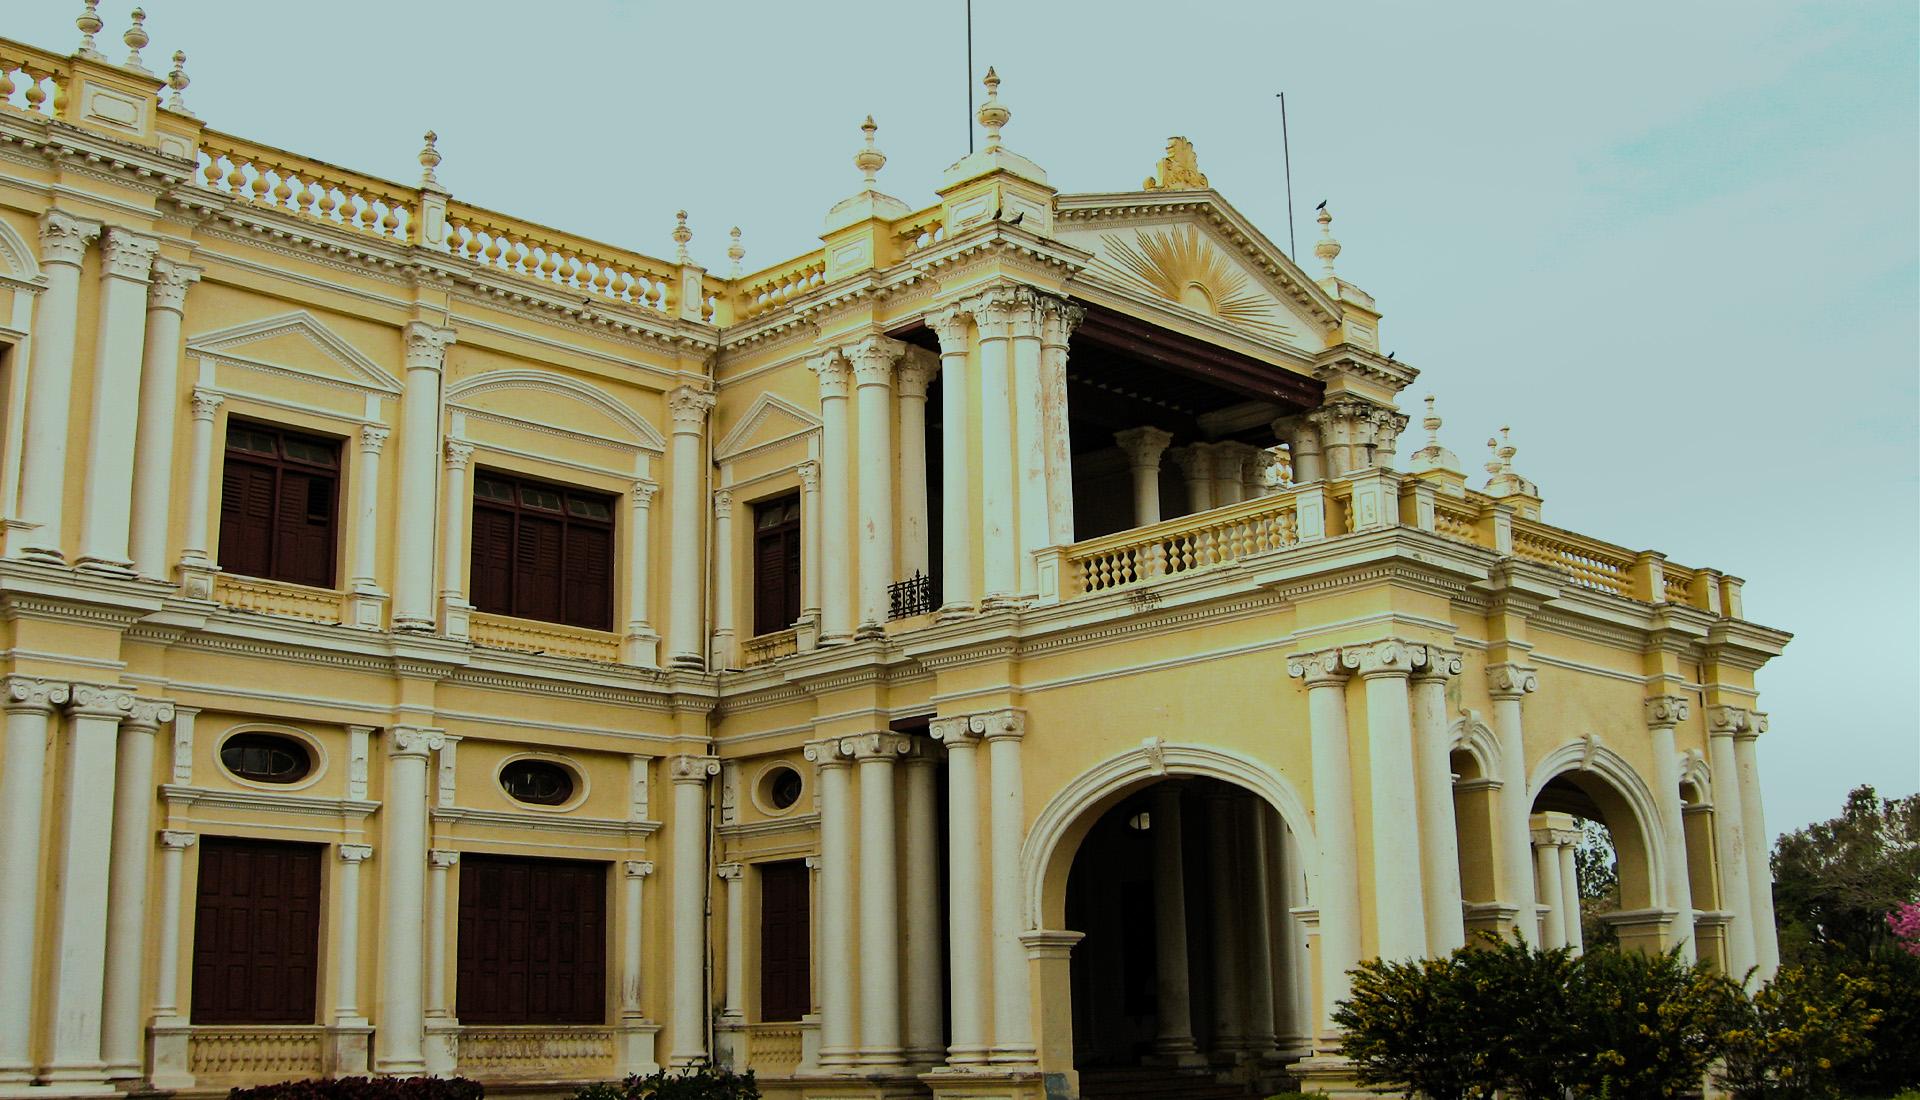 JayalakshmiVilasMansion